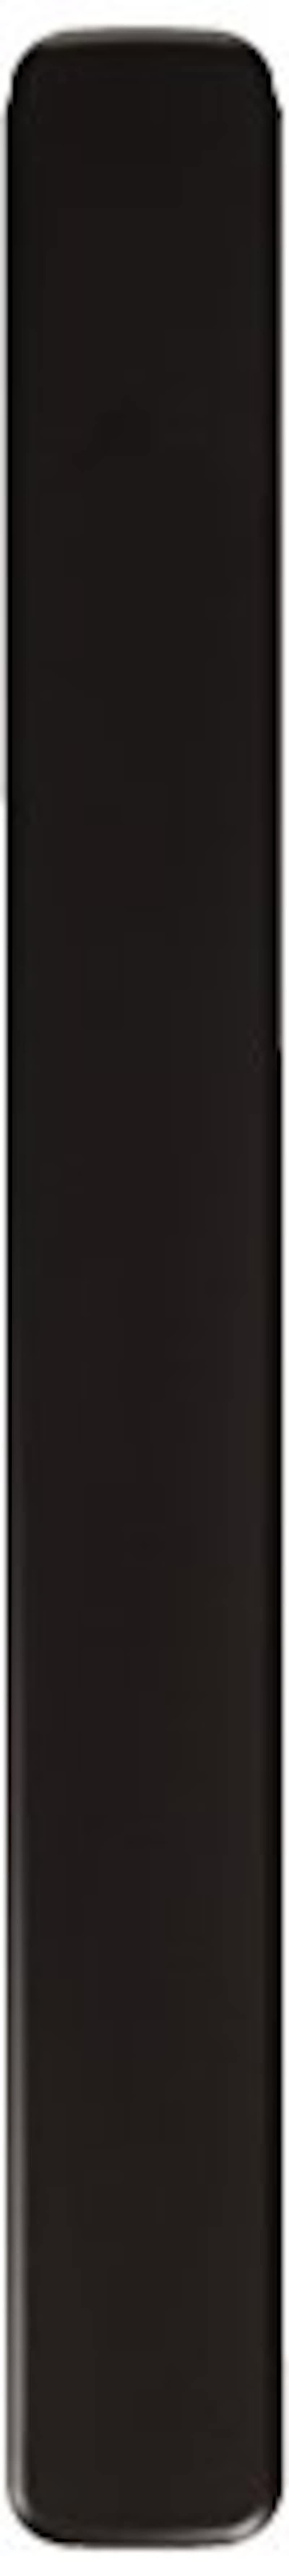 イシダ,箸箱 ランチドゥ,59001-3